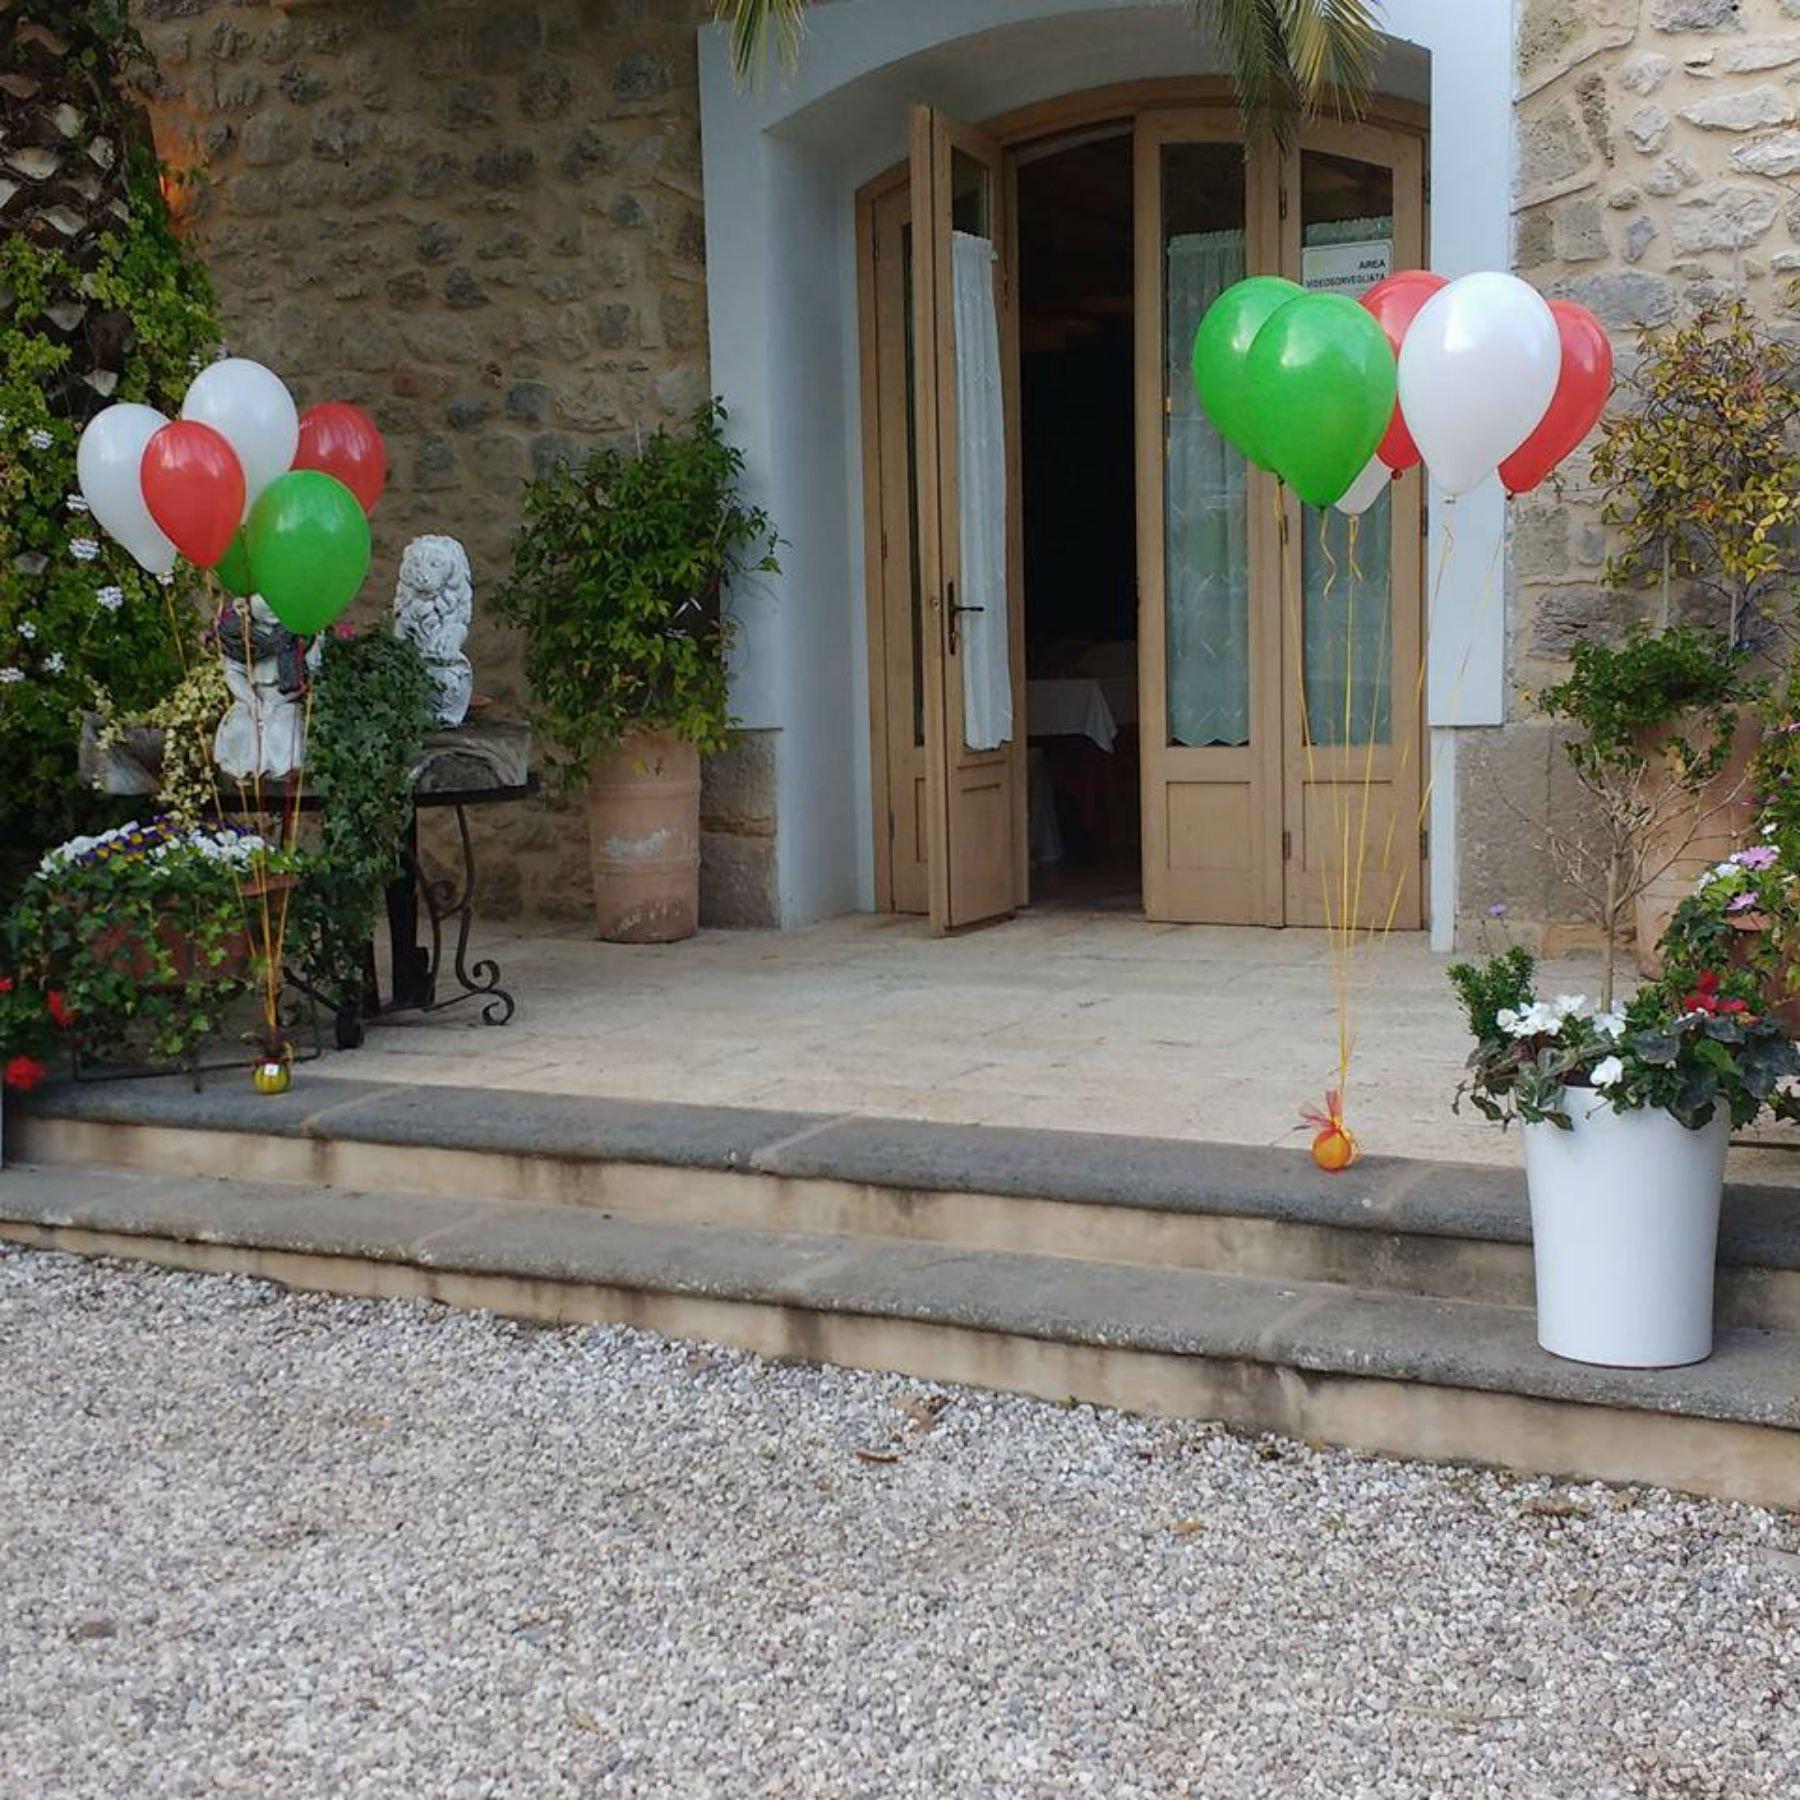 Dei palloncini colorati vicino alla porta d'ingresso di una villa